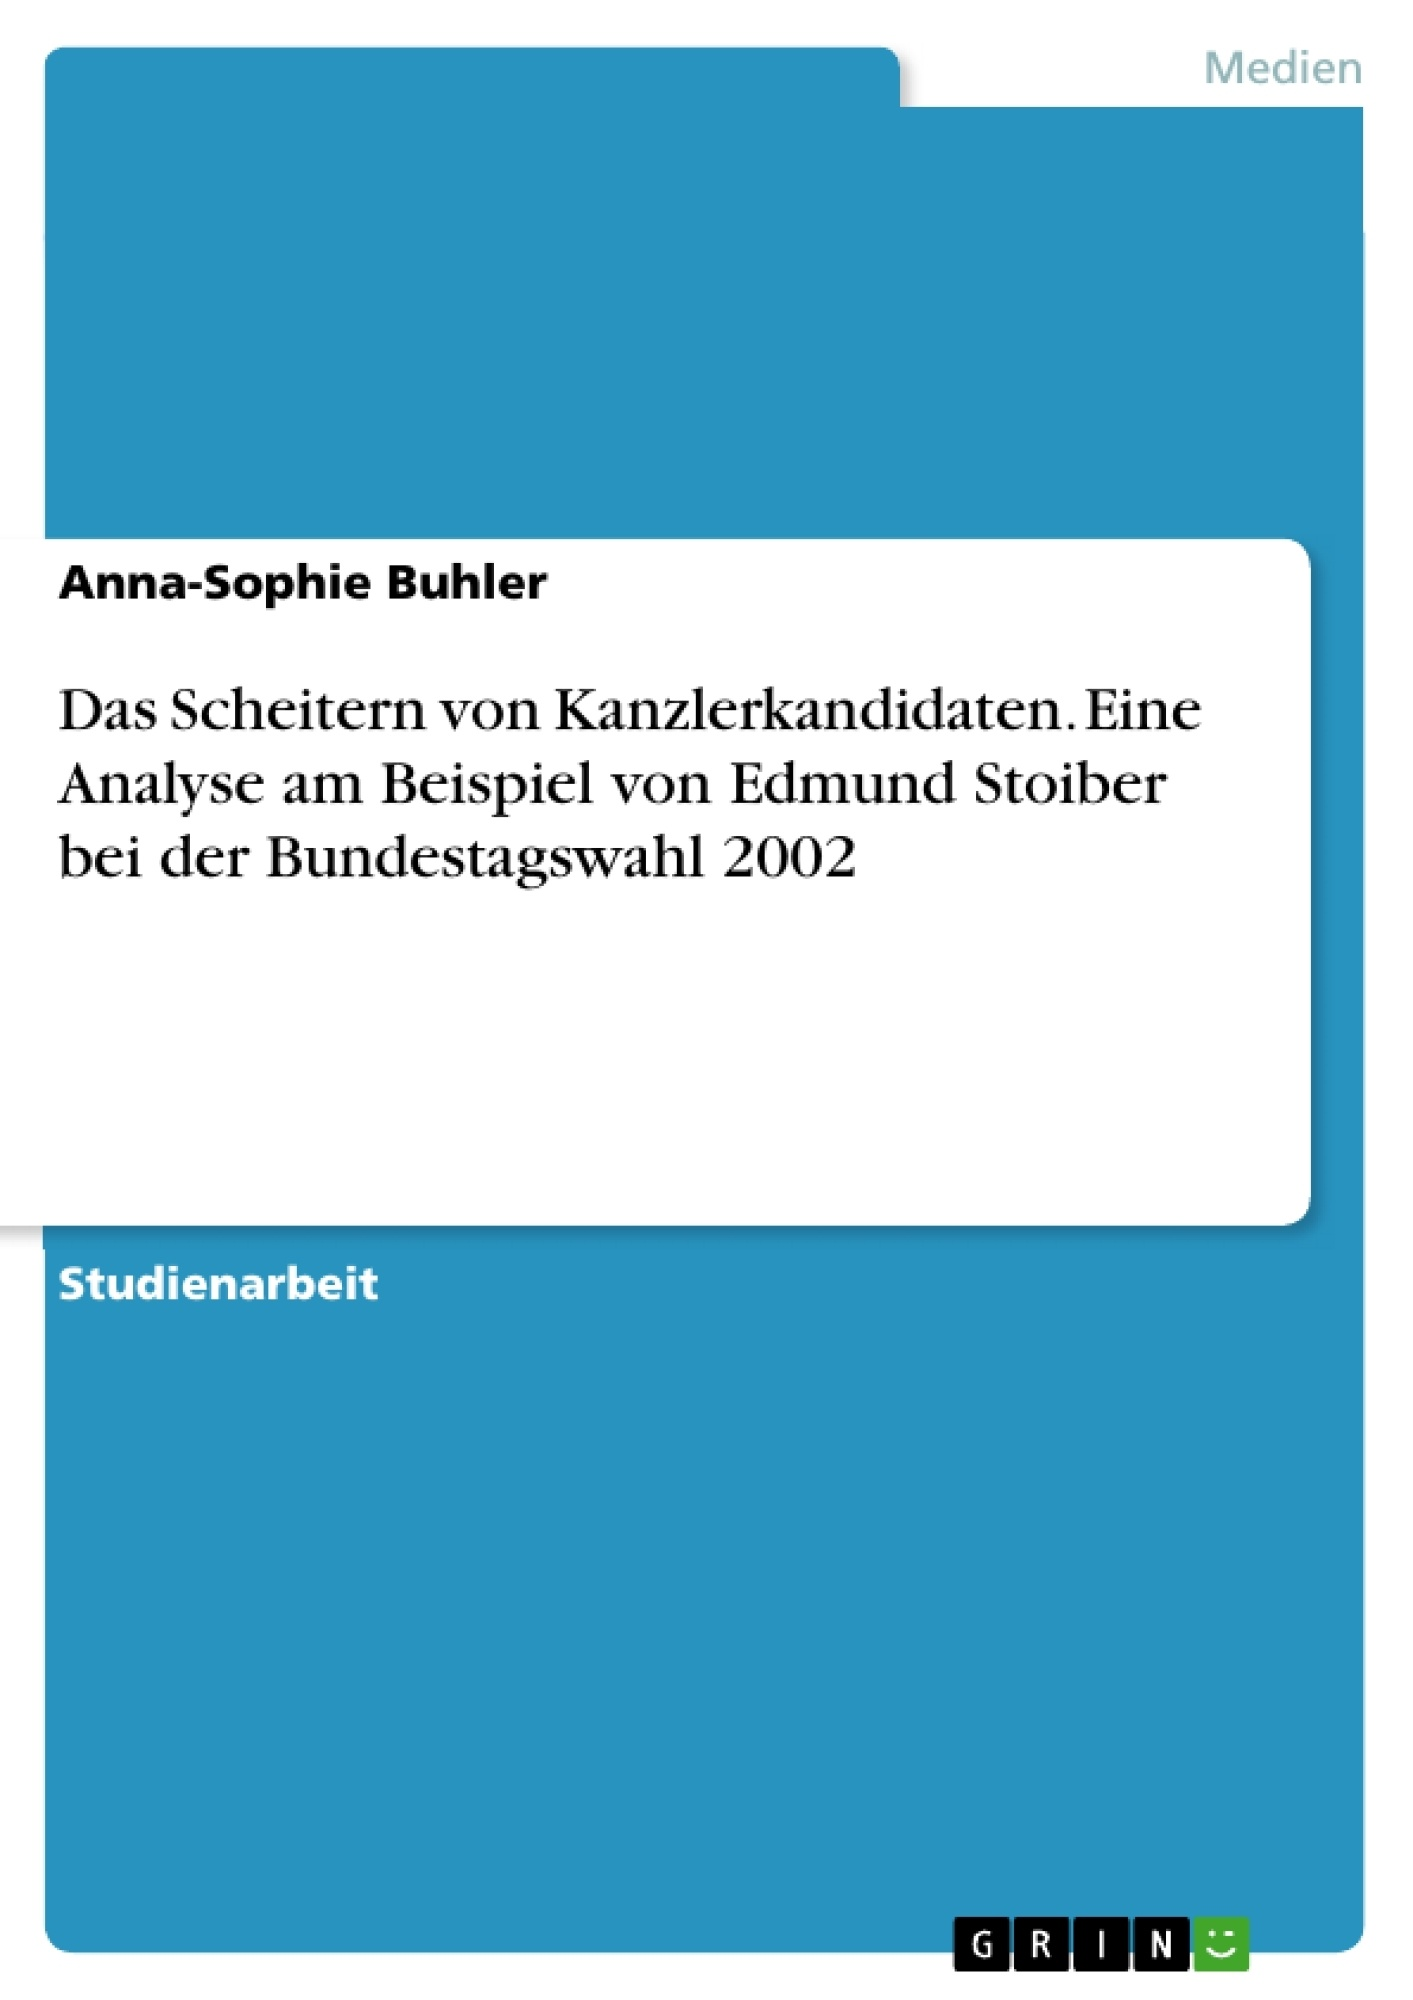 Titel: Das Scheitern von Kanzlerkandidaten. Eine Analyse am Beispiel von Edmund Stoiber bei der Bundestagswahl 2002